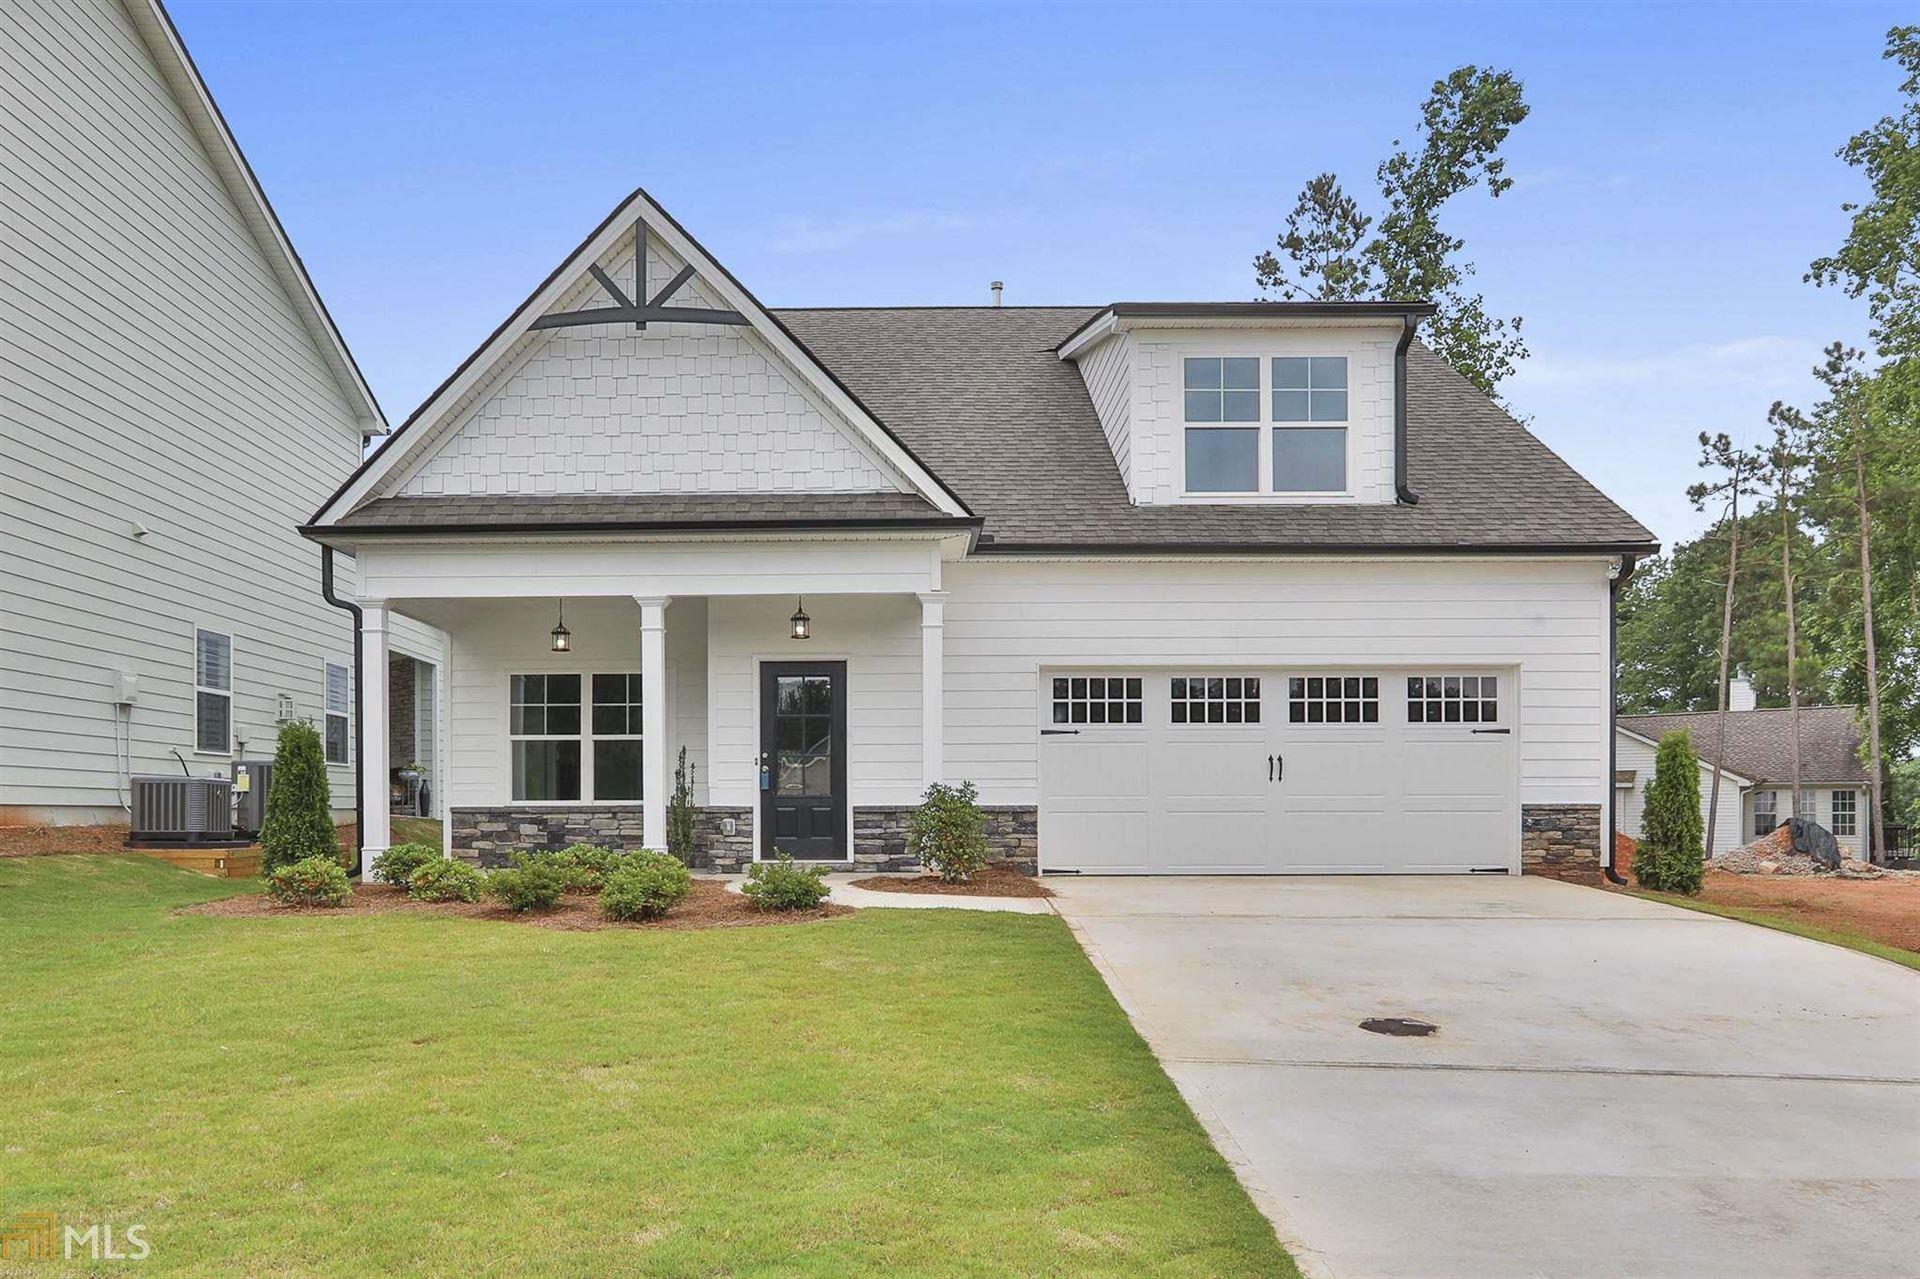 Lot 7 Georgian Oaks Ct, Newnan, GA 30265 - MLS#: 8635061